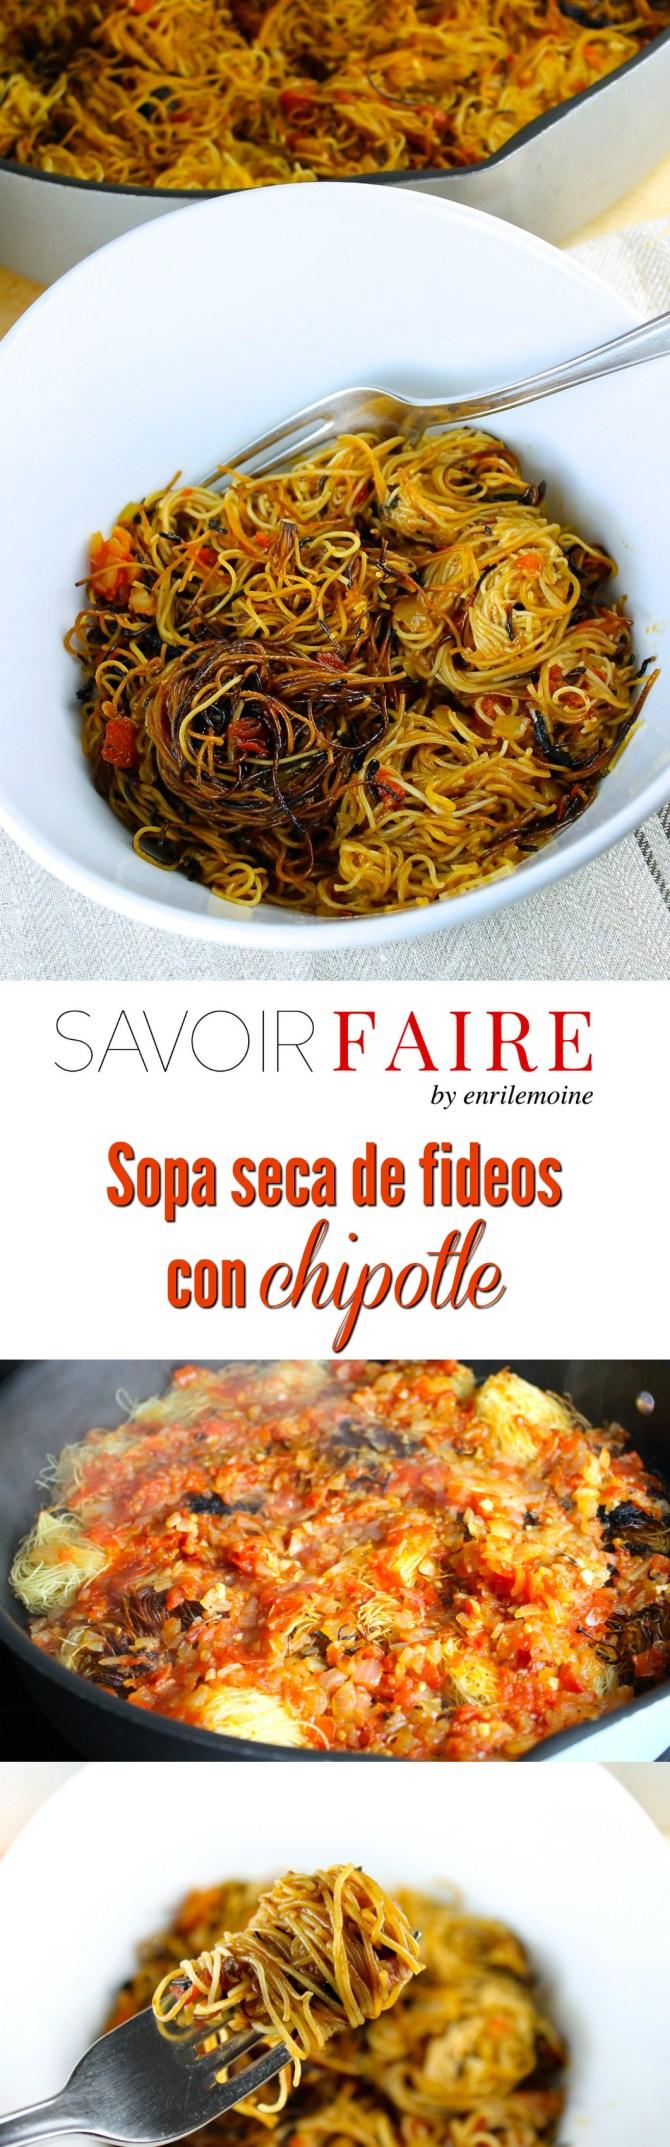 Sopa seca de fideos con chipotle - SAVOIR FAIRE by enrilemoine